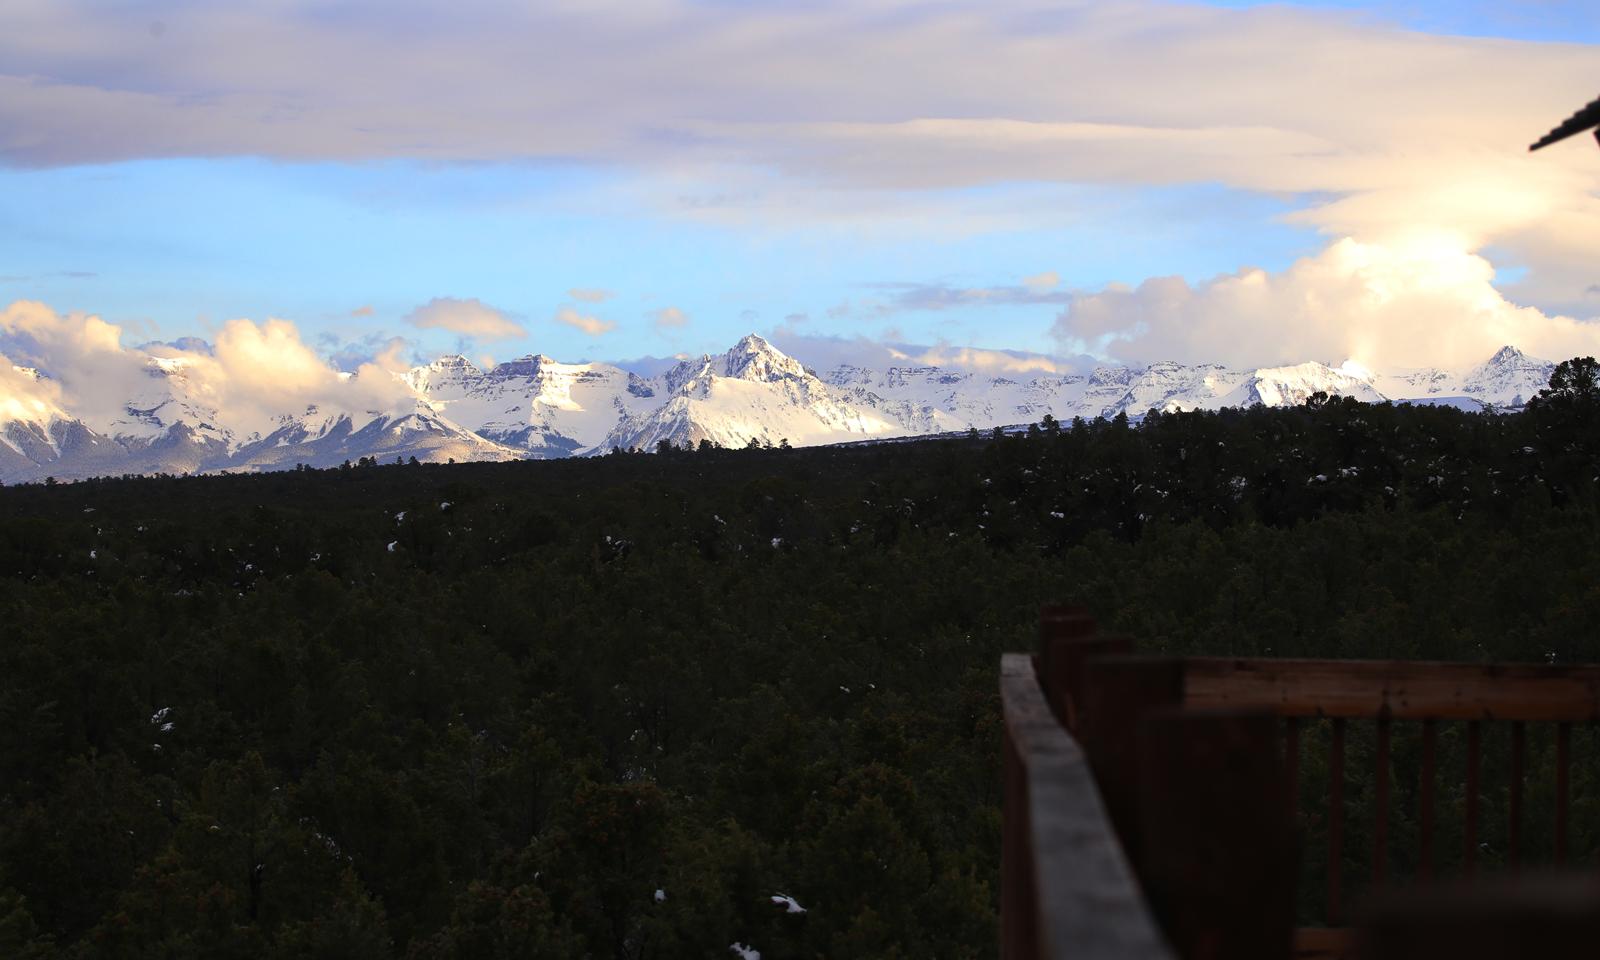 Mt Sneffels in winter